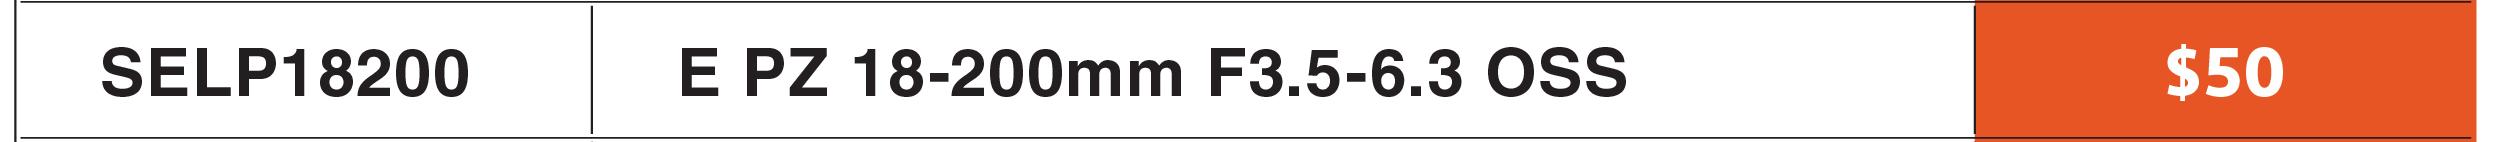 Sony E PZ 18-200mm